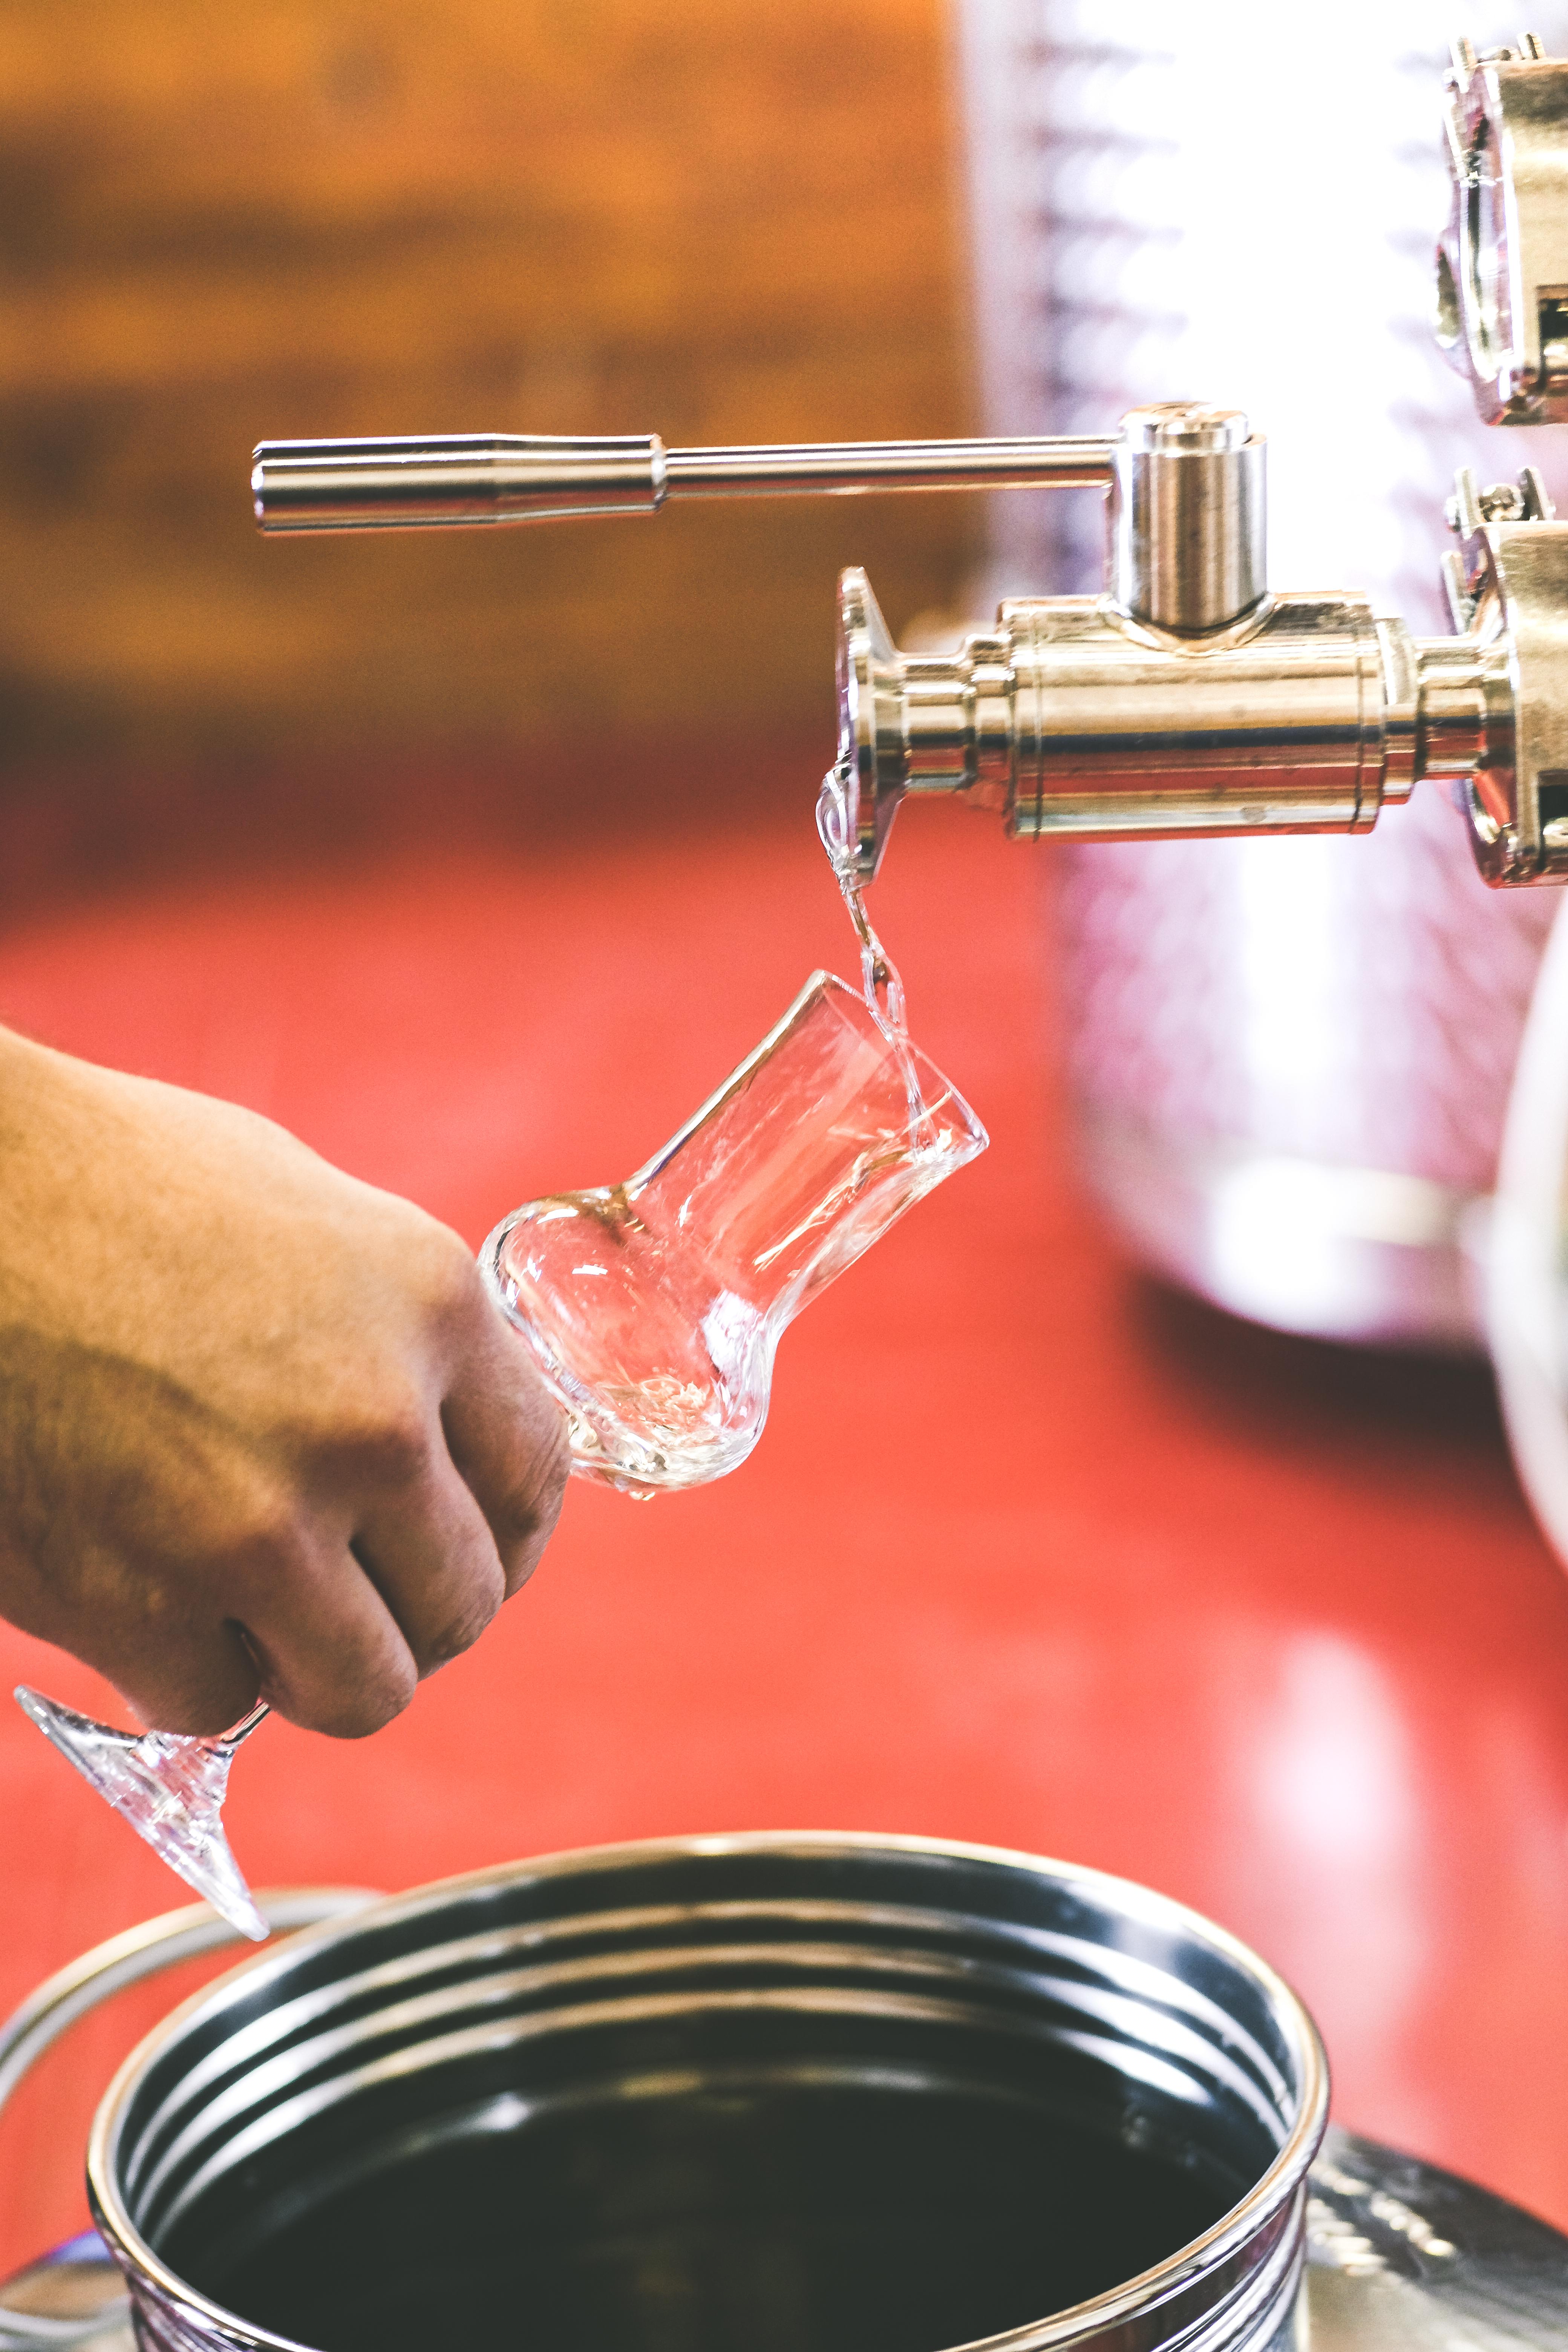 Brouette-Distillerie la Roja-7